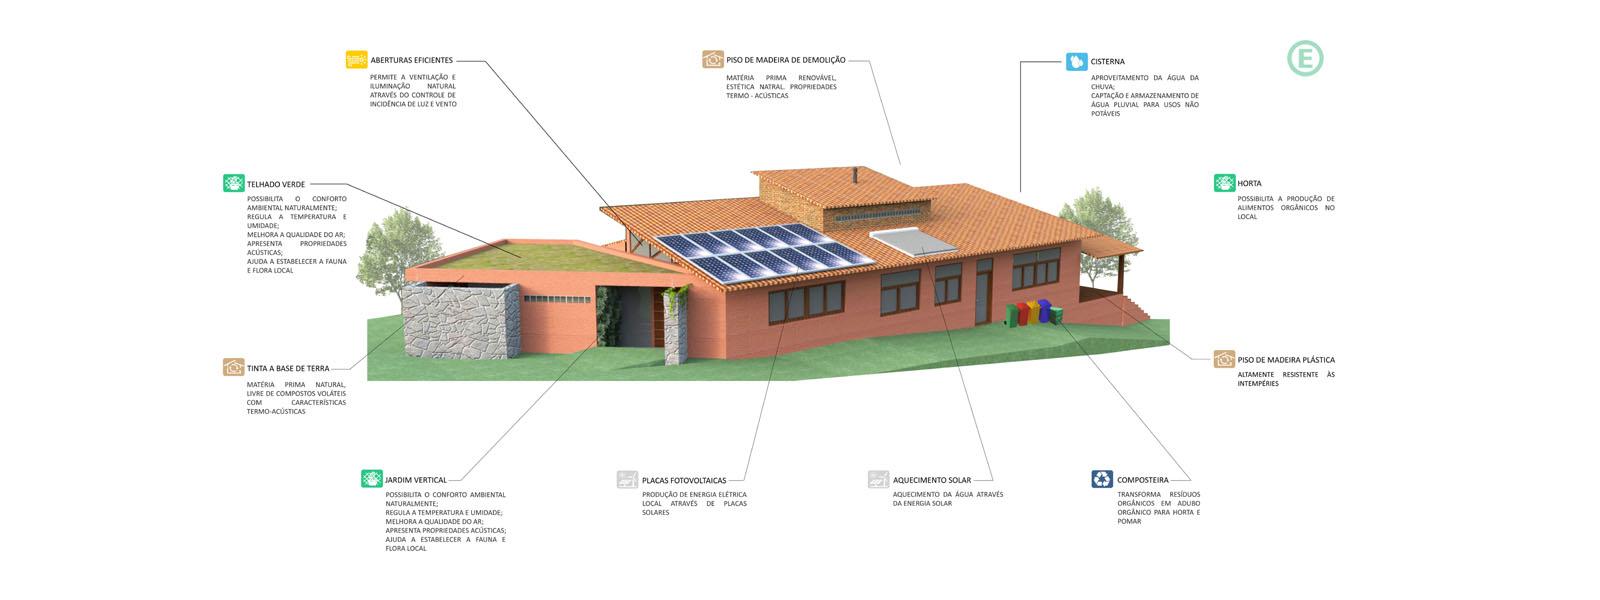 arquitetura-sustentavel-brasilia-capa